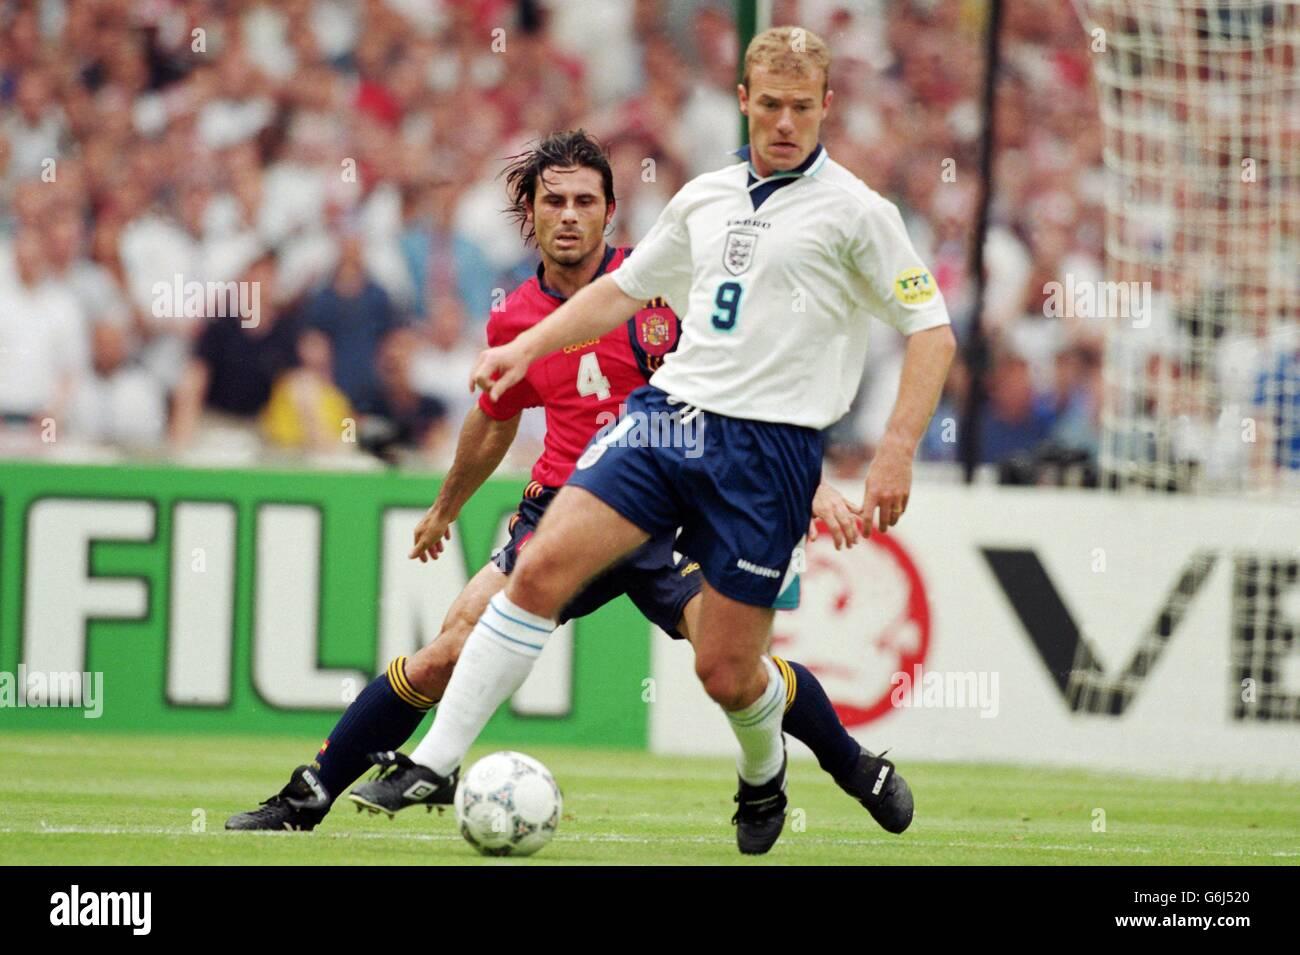 Fútbol - Euro 96 - Inglaterra v España, Wembley Foto de stock